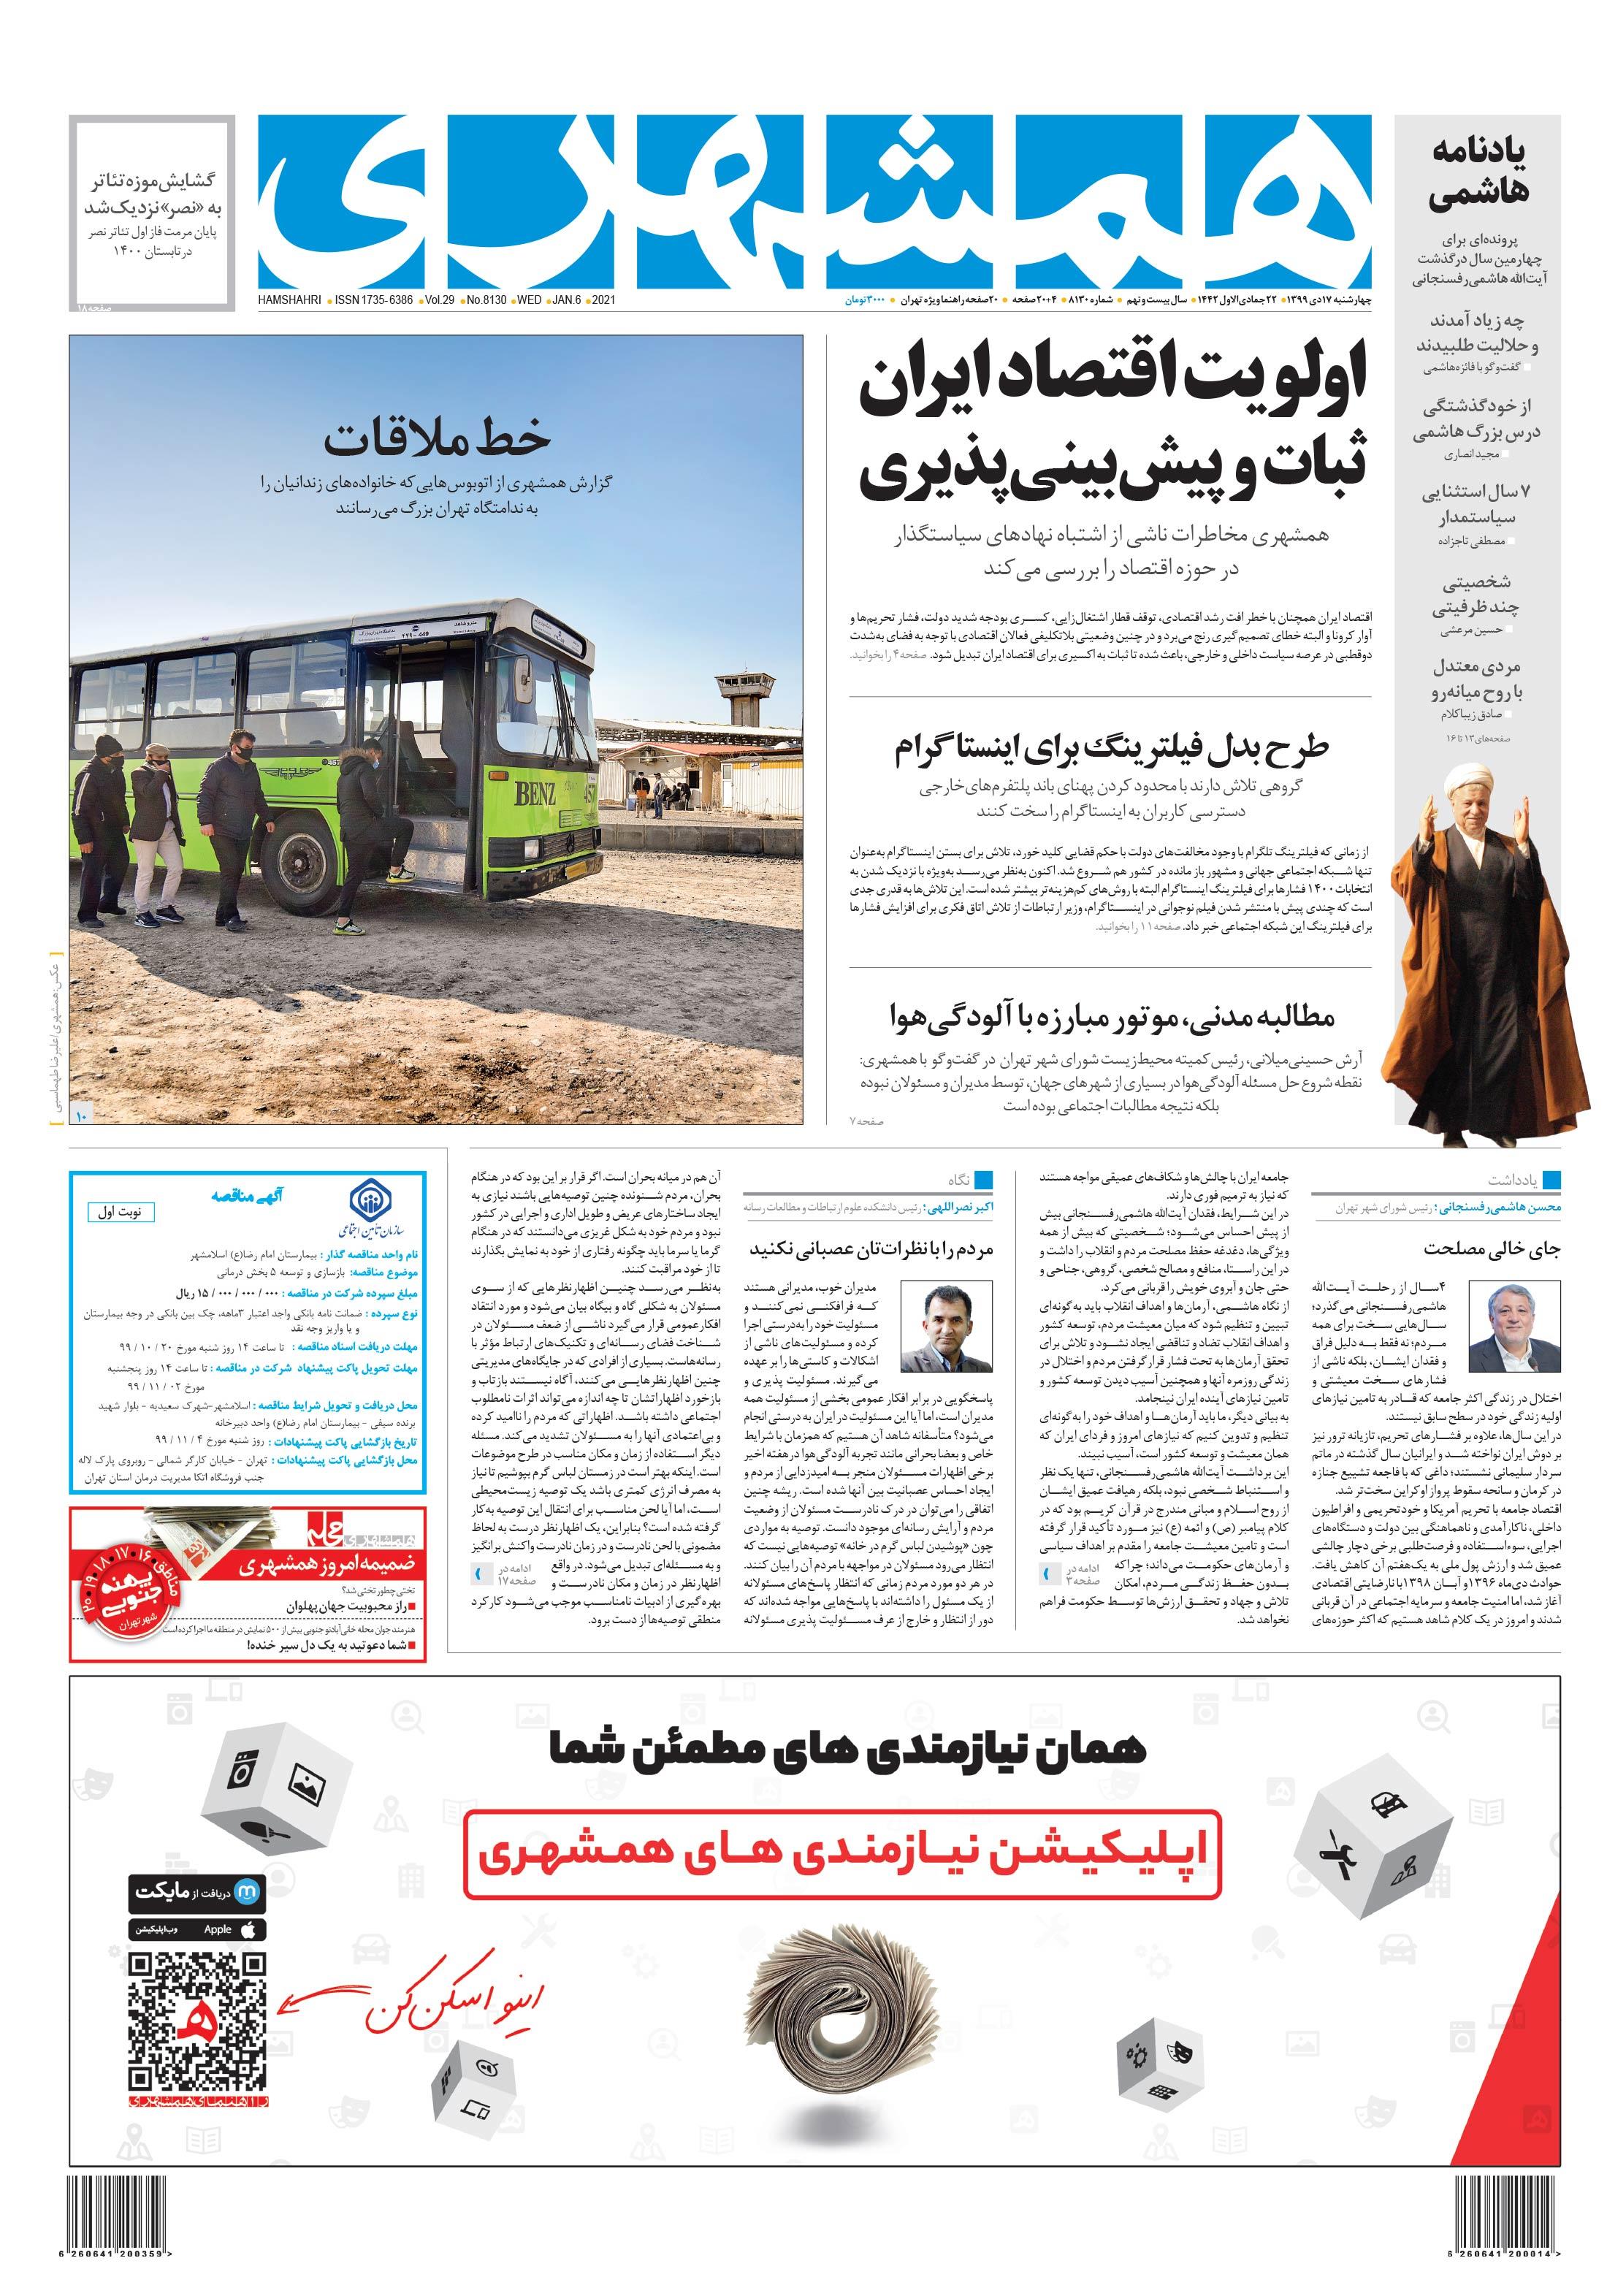 صفحه اول چهارشنبه 17 دی 1399